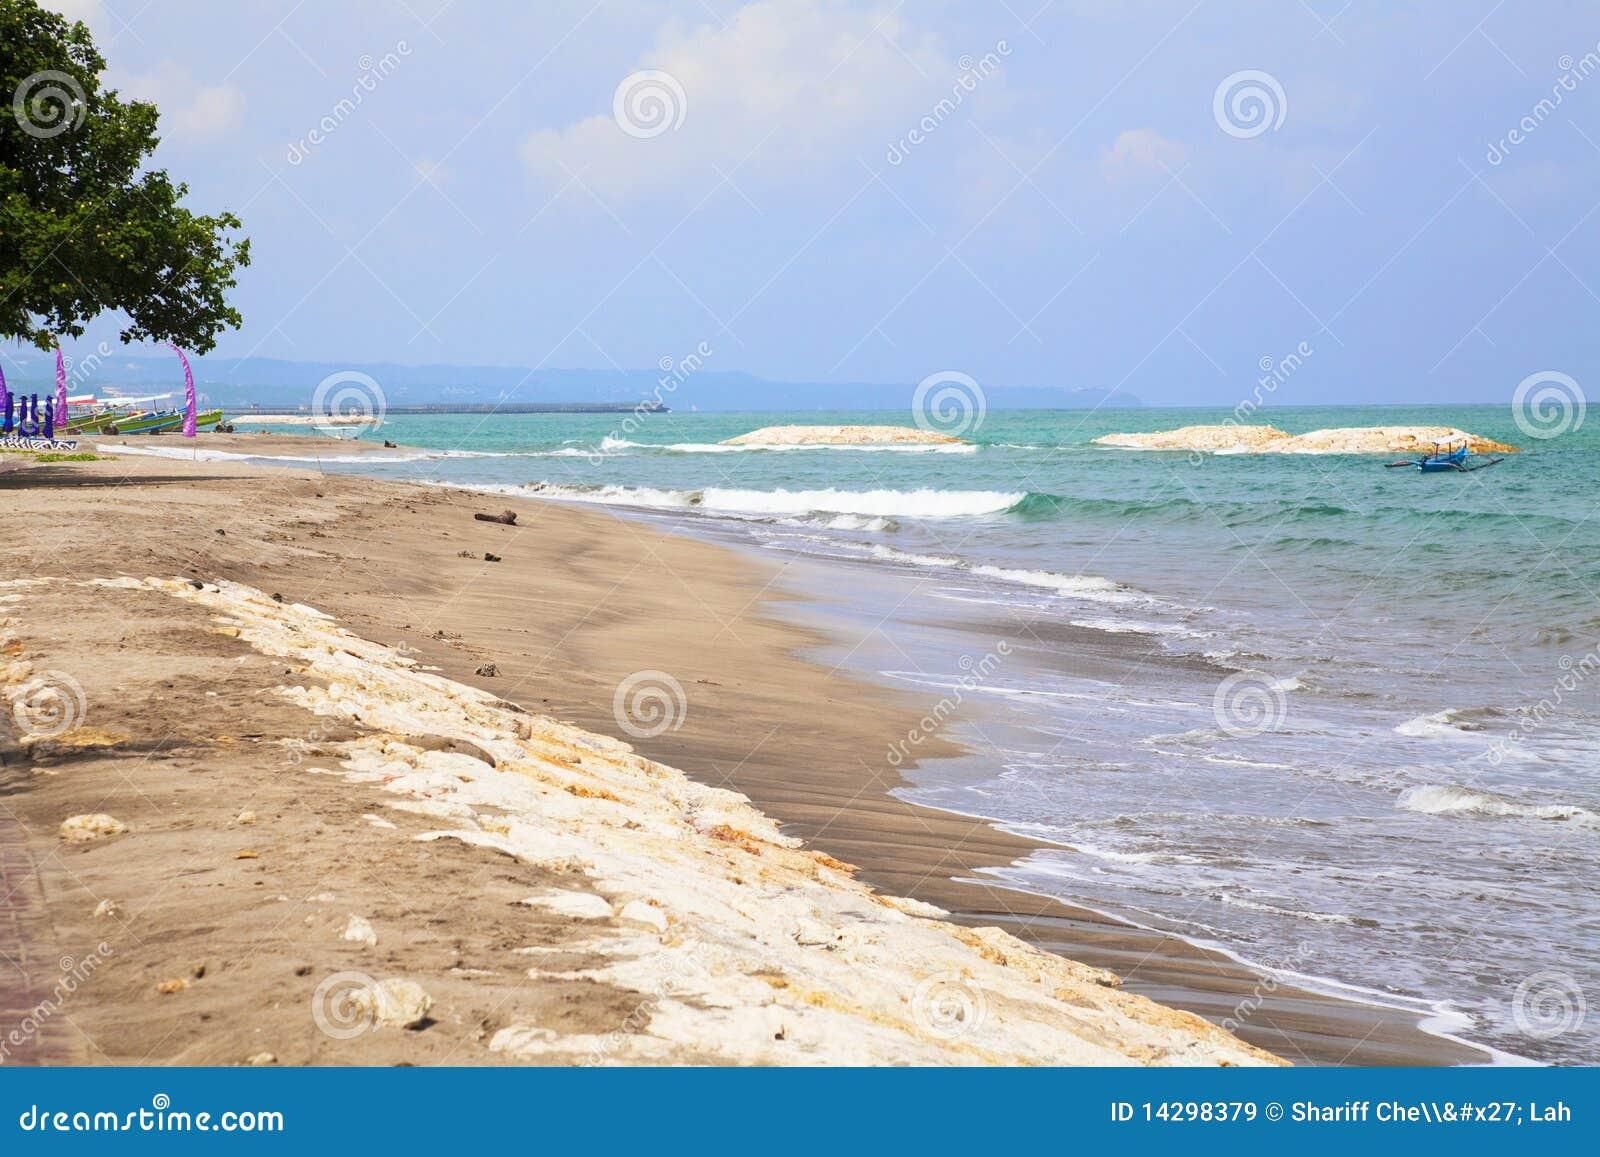 Matrimonio Spiaggia Bali : Spiaggia di kuta bali indonesia immagine stock